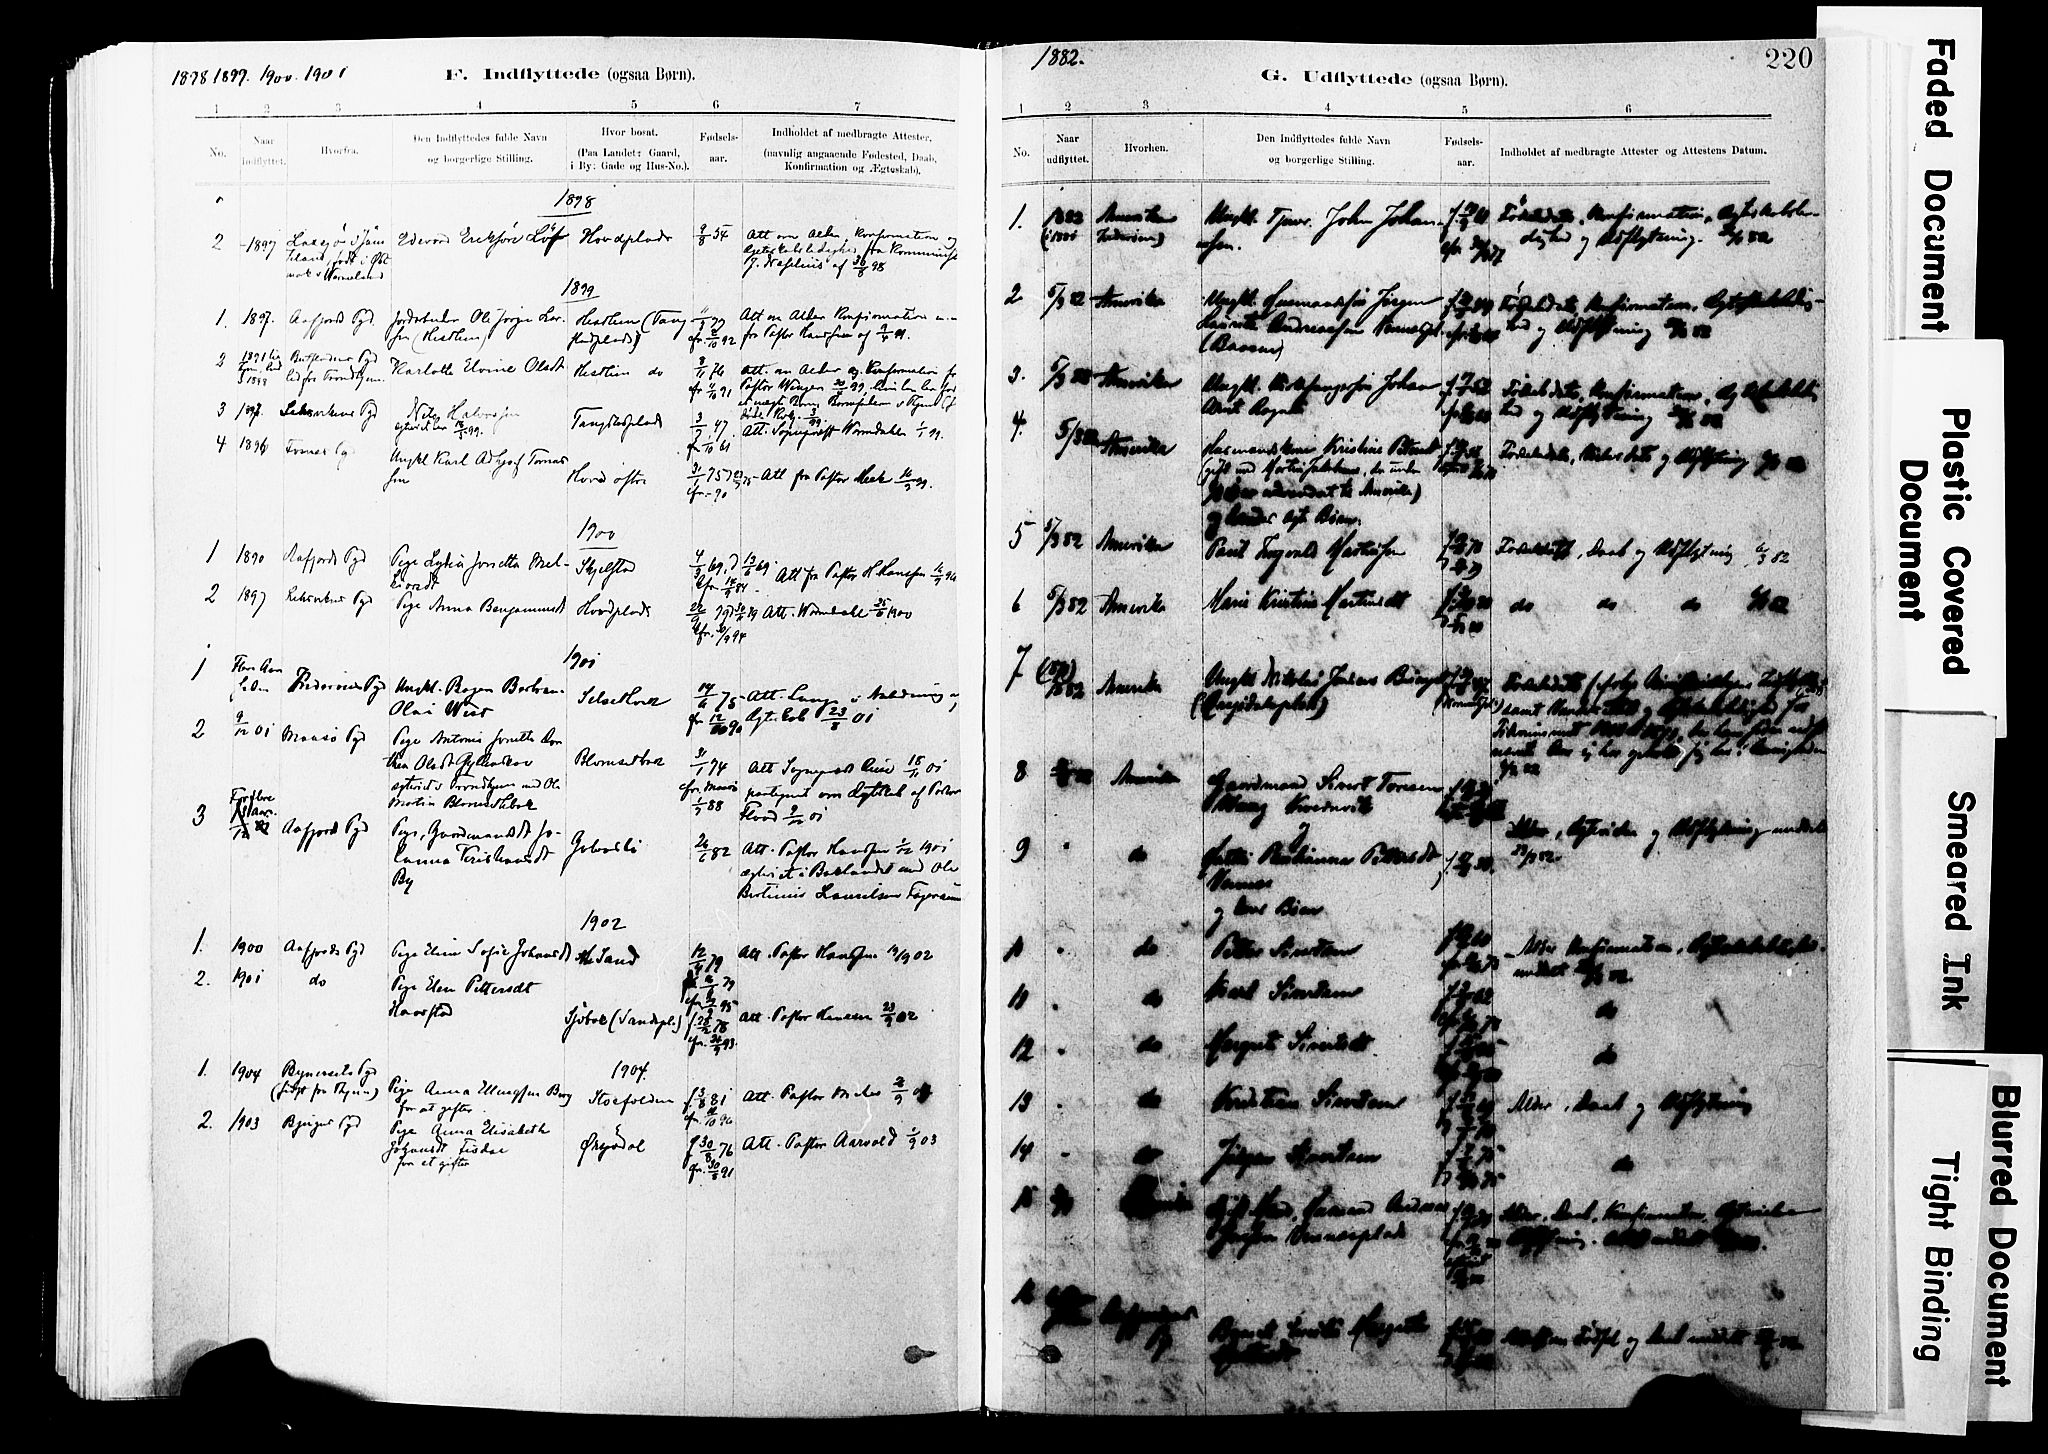 SAT, Ministerialprotokoller, klokkerbøker og fødselsregistre - Nord-Trøndelag, 744/L0420: Ministerialbok nr. 744A04, 1882-1904, s. 220